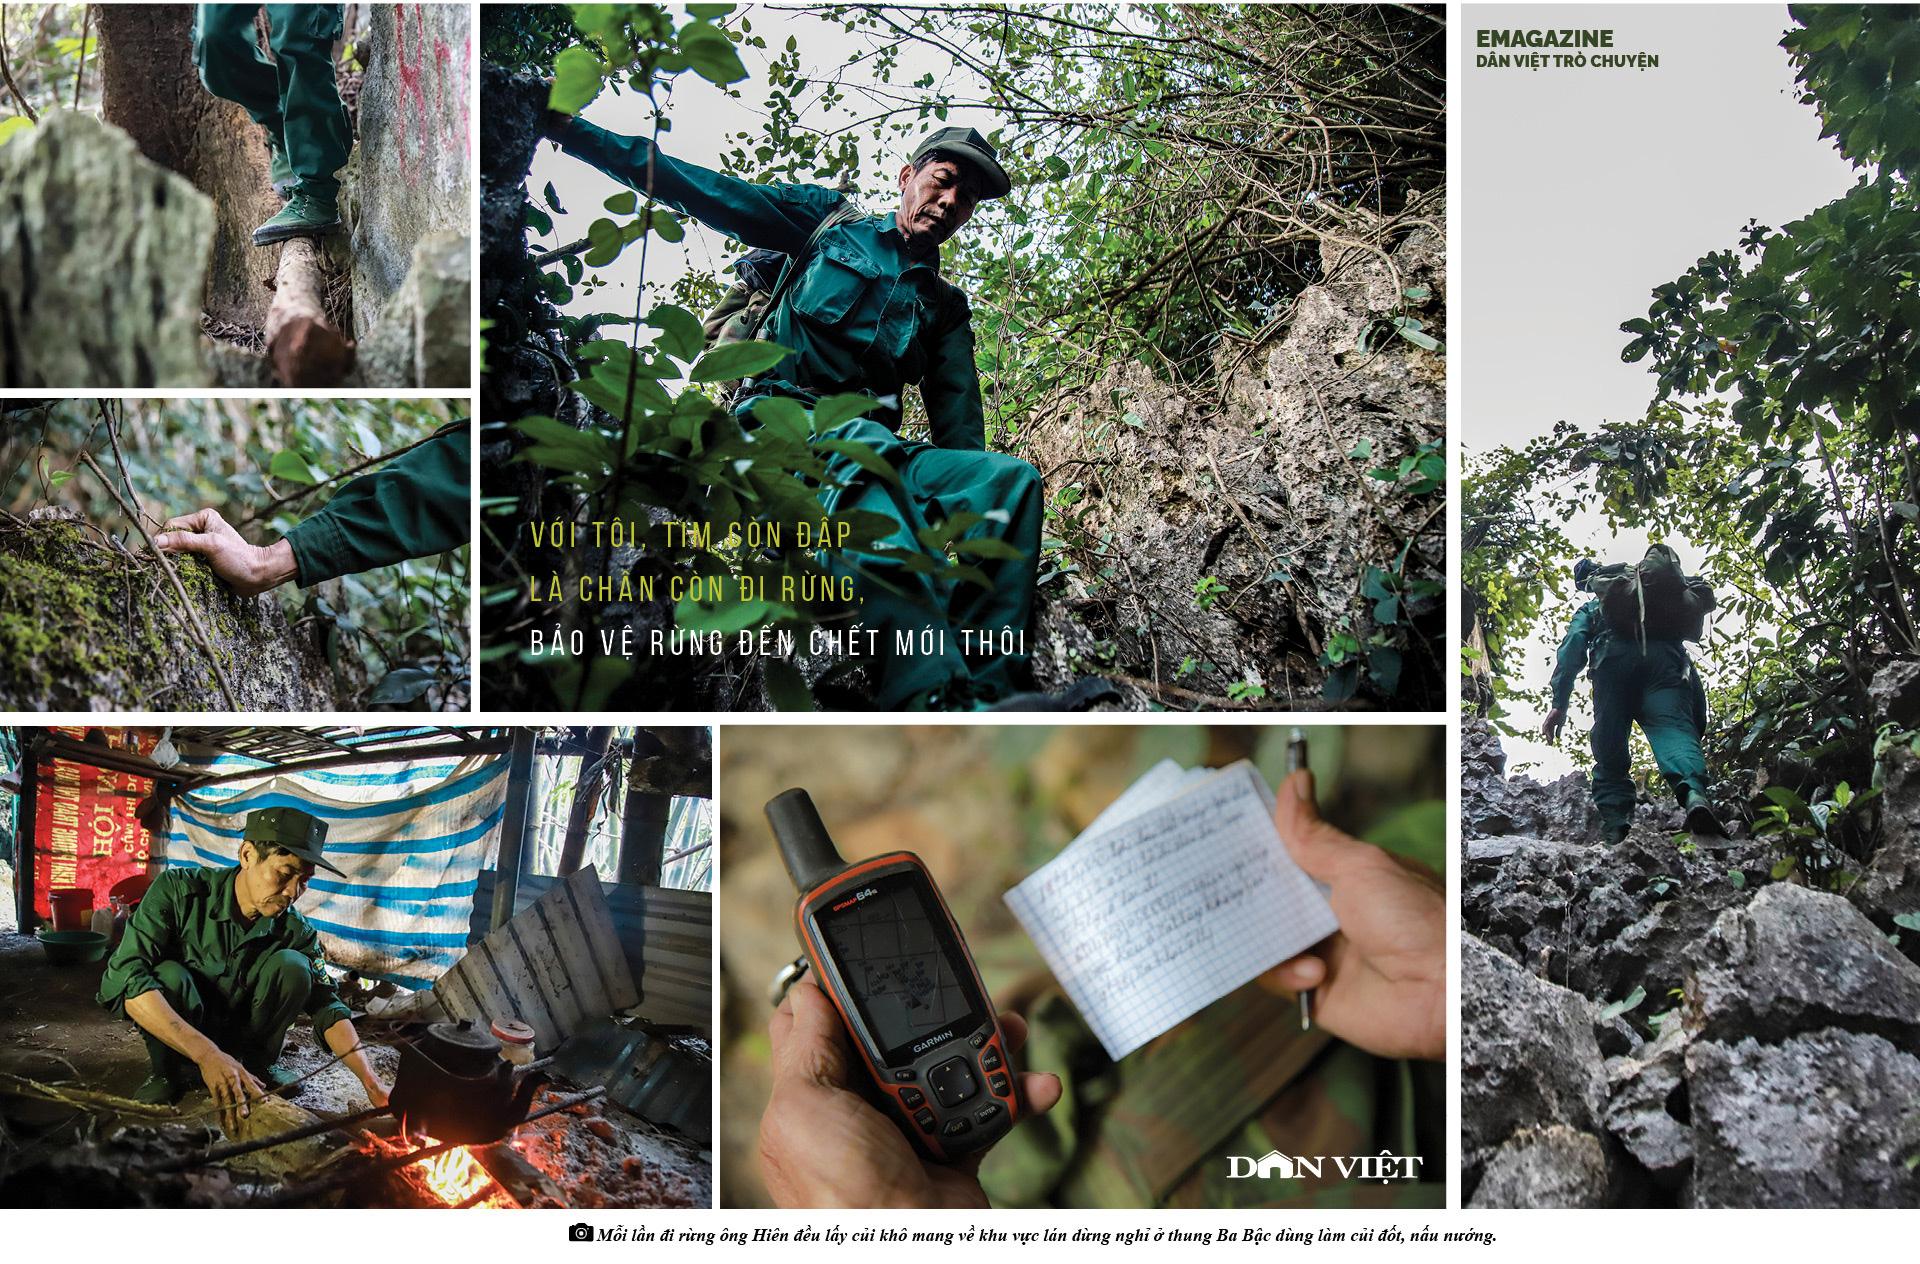 Dân Việt Trò Chuyện: Thợ săn buông súng chuộc lỗi với rừng già - Ảnh 11.